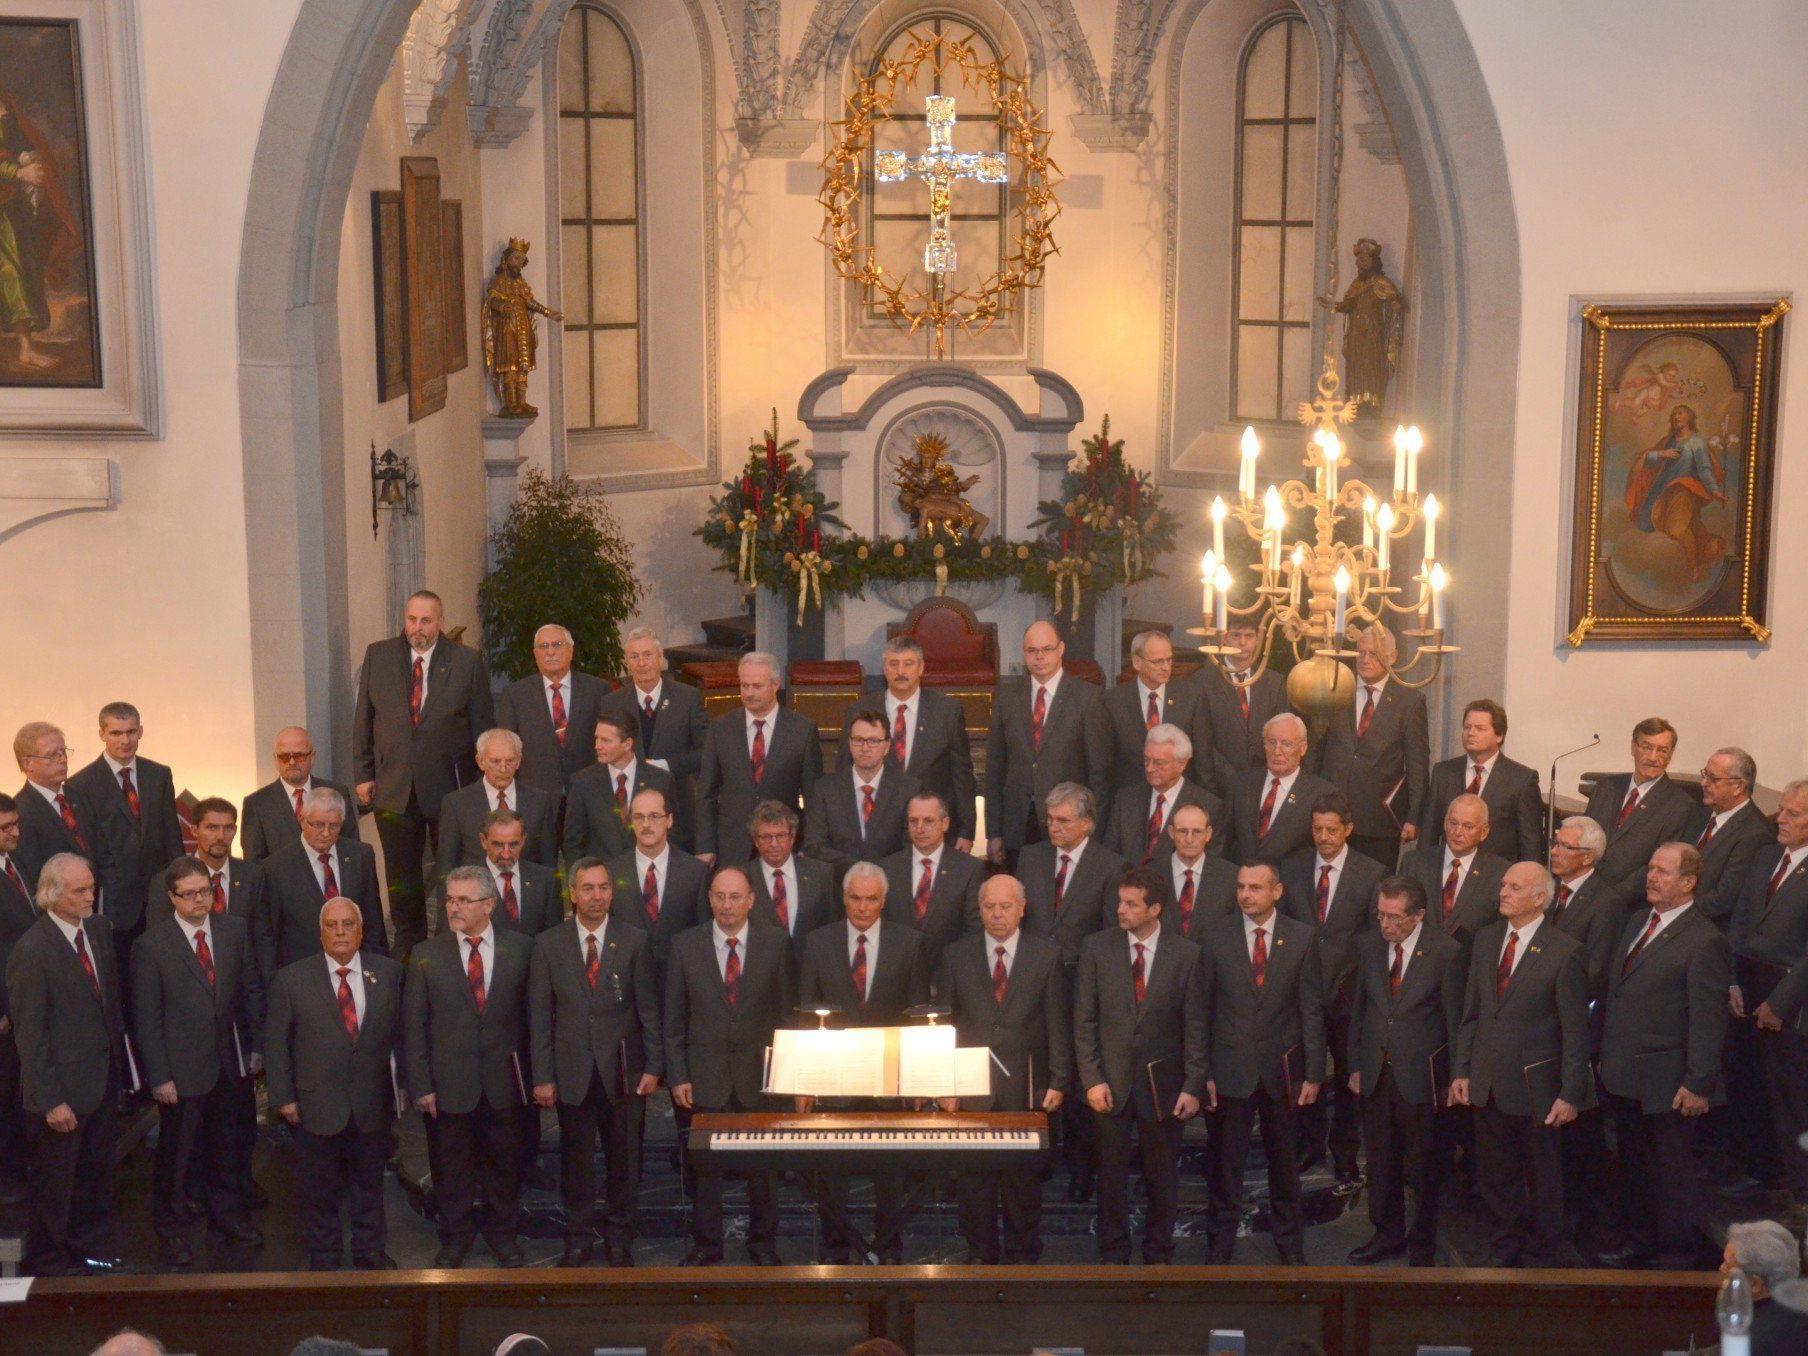 Der Männerchor Liederkranz Rankweiler zauberte eine weihnachtliche Stimmung in die Rankweiler Basilika.